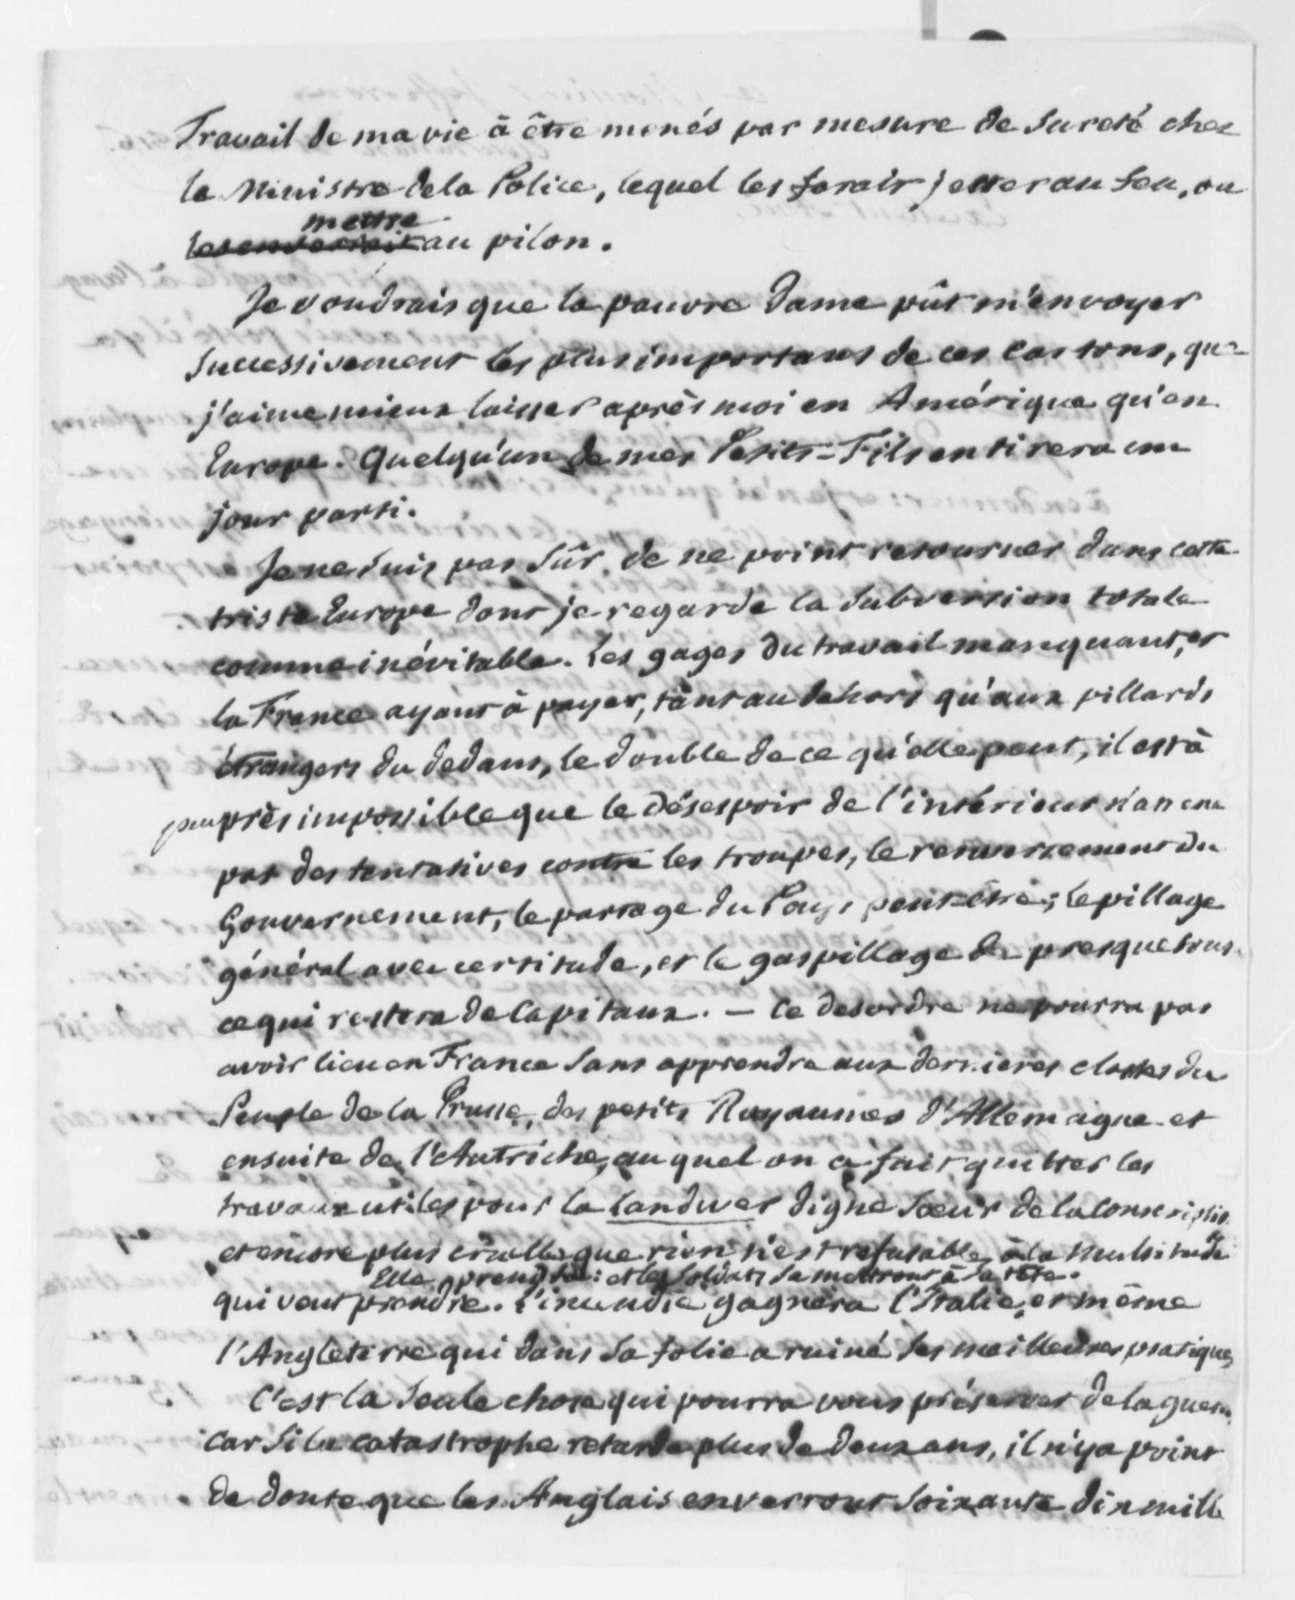 Pierre S. Dupont de Nemours to Thomas Jefferson, March 31, 1816